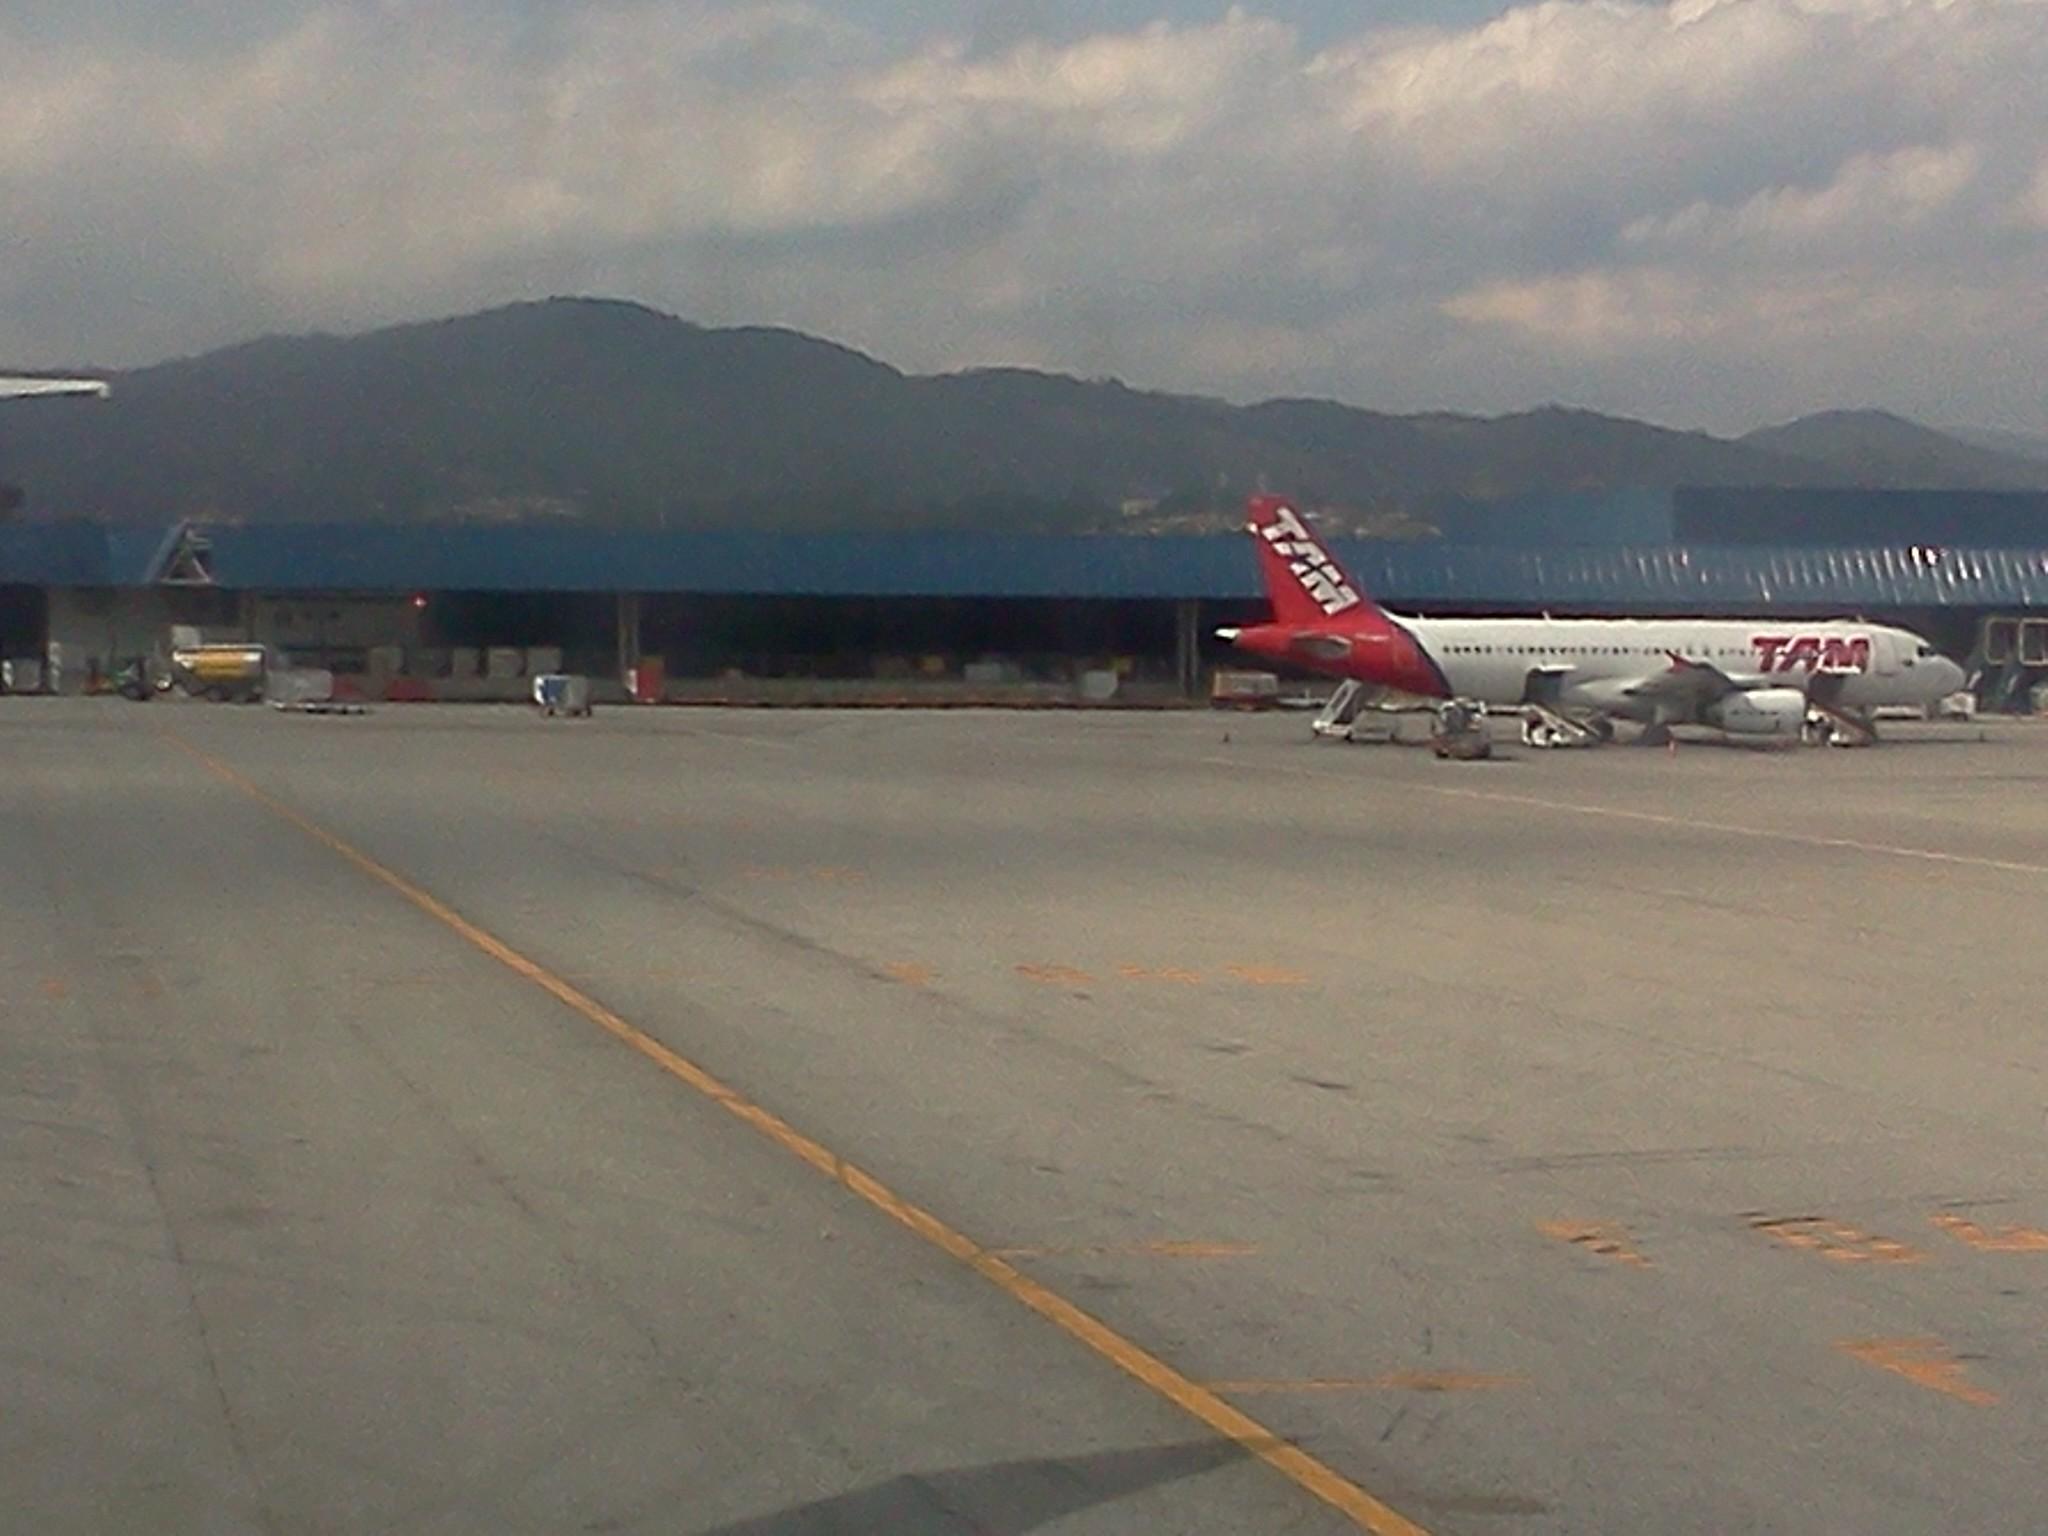 File:Aeroporto Internacional de São Paulo Guarulhos Avião da TAM  #694141 2048x1536 Banheiro De Avião Internacional